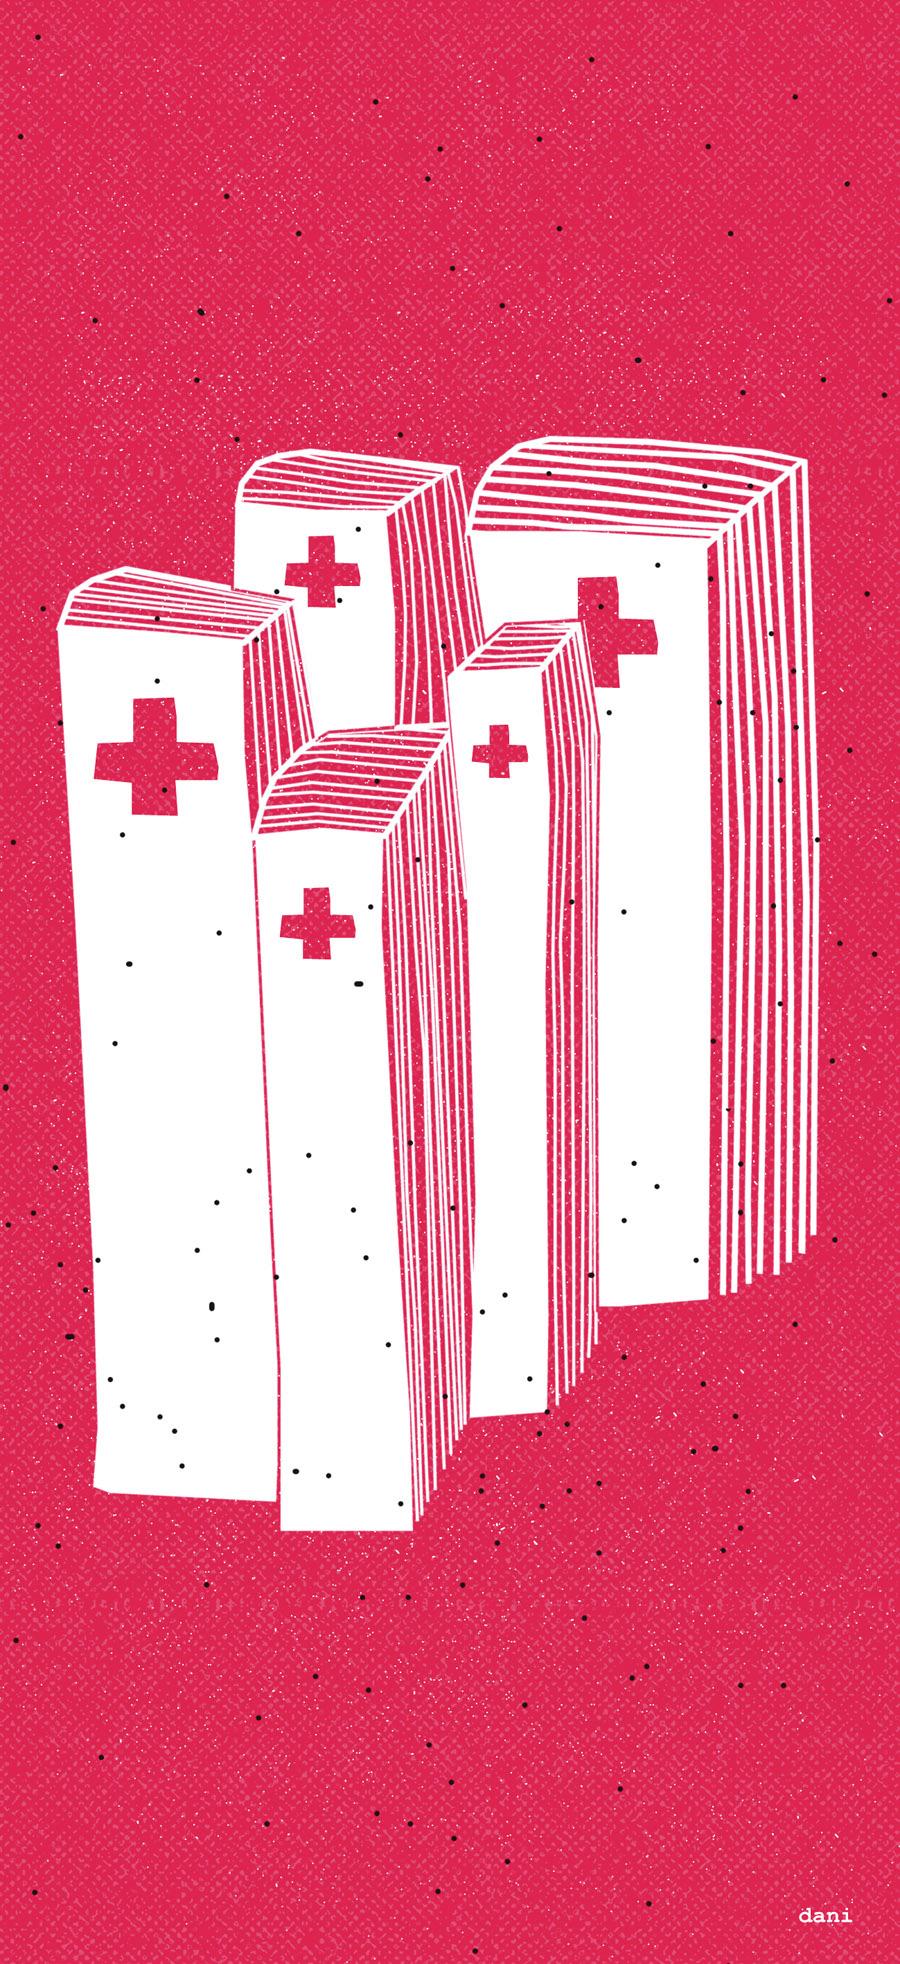 _danischarf_ser-medico_mucho-estudio-11x24